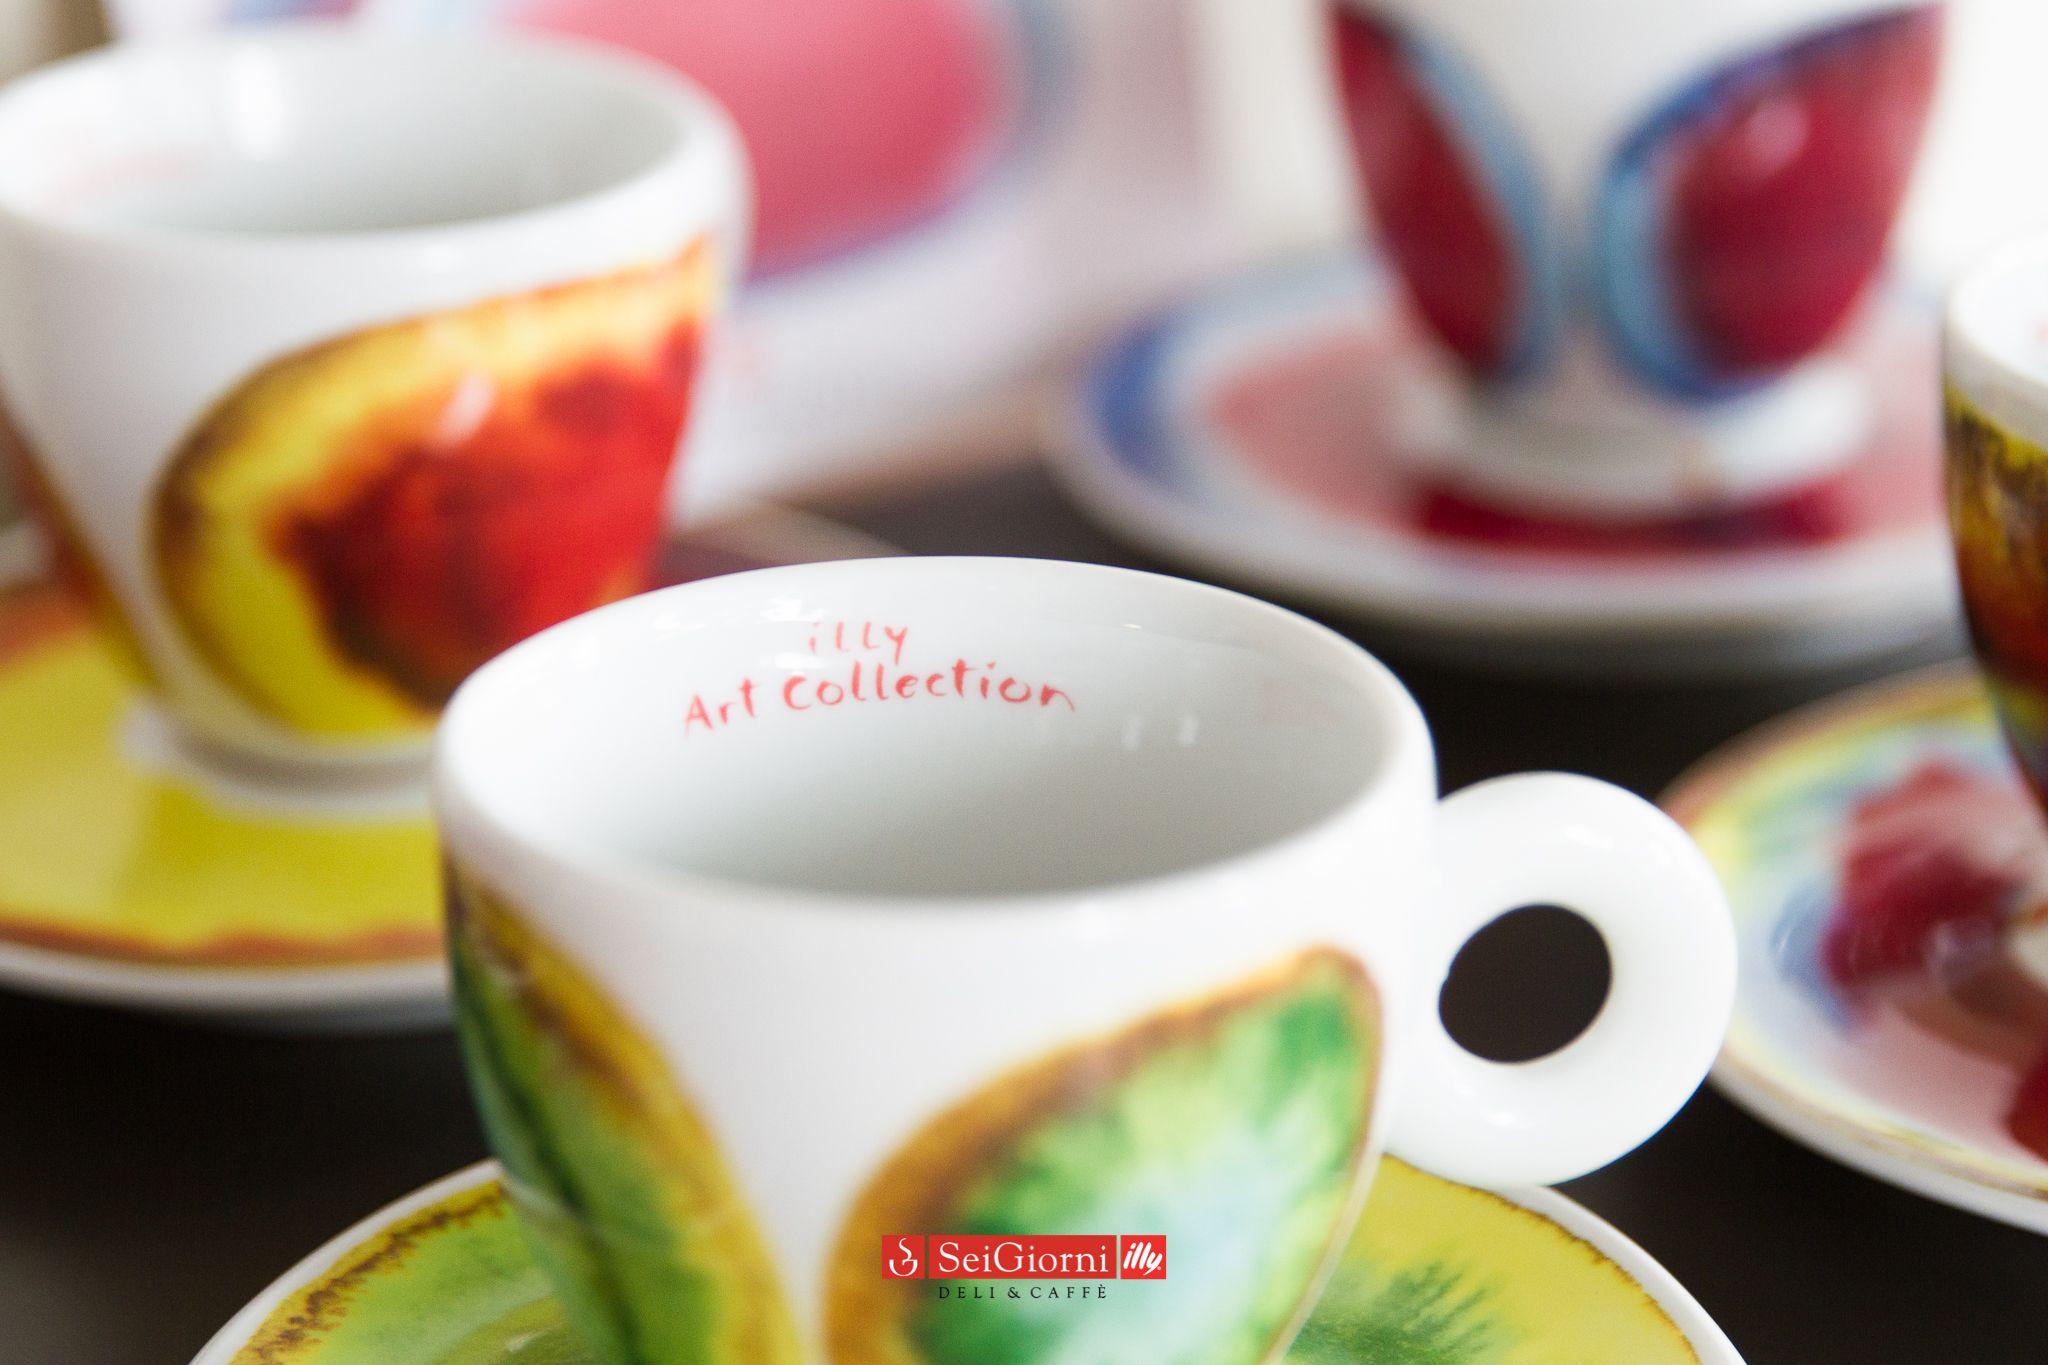 ¡Atención a todos los amantes del café illy y el arte! Visita nuestra sucursal de Humberto Lobo y pregunta por los productos de edición especial que tenemos para tí. #SeiGiornideli